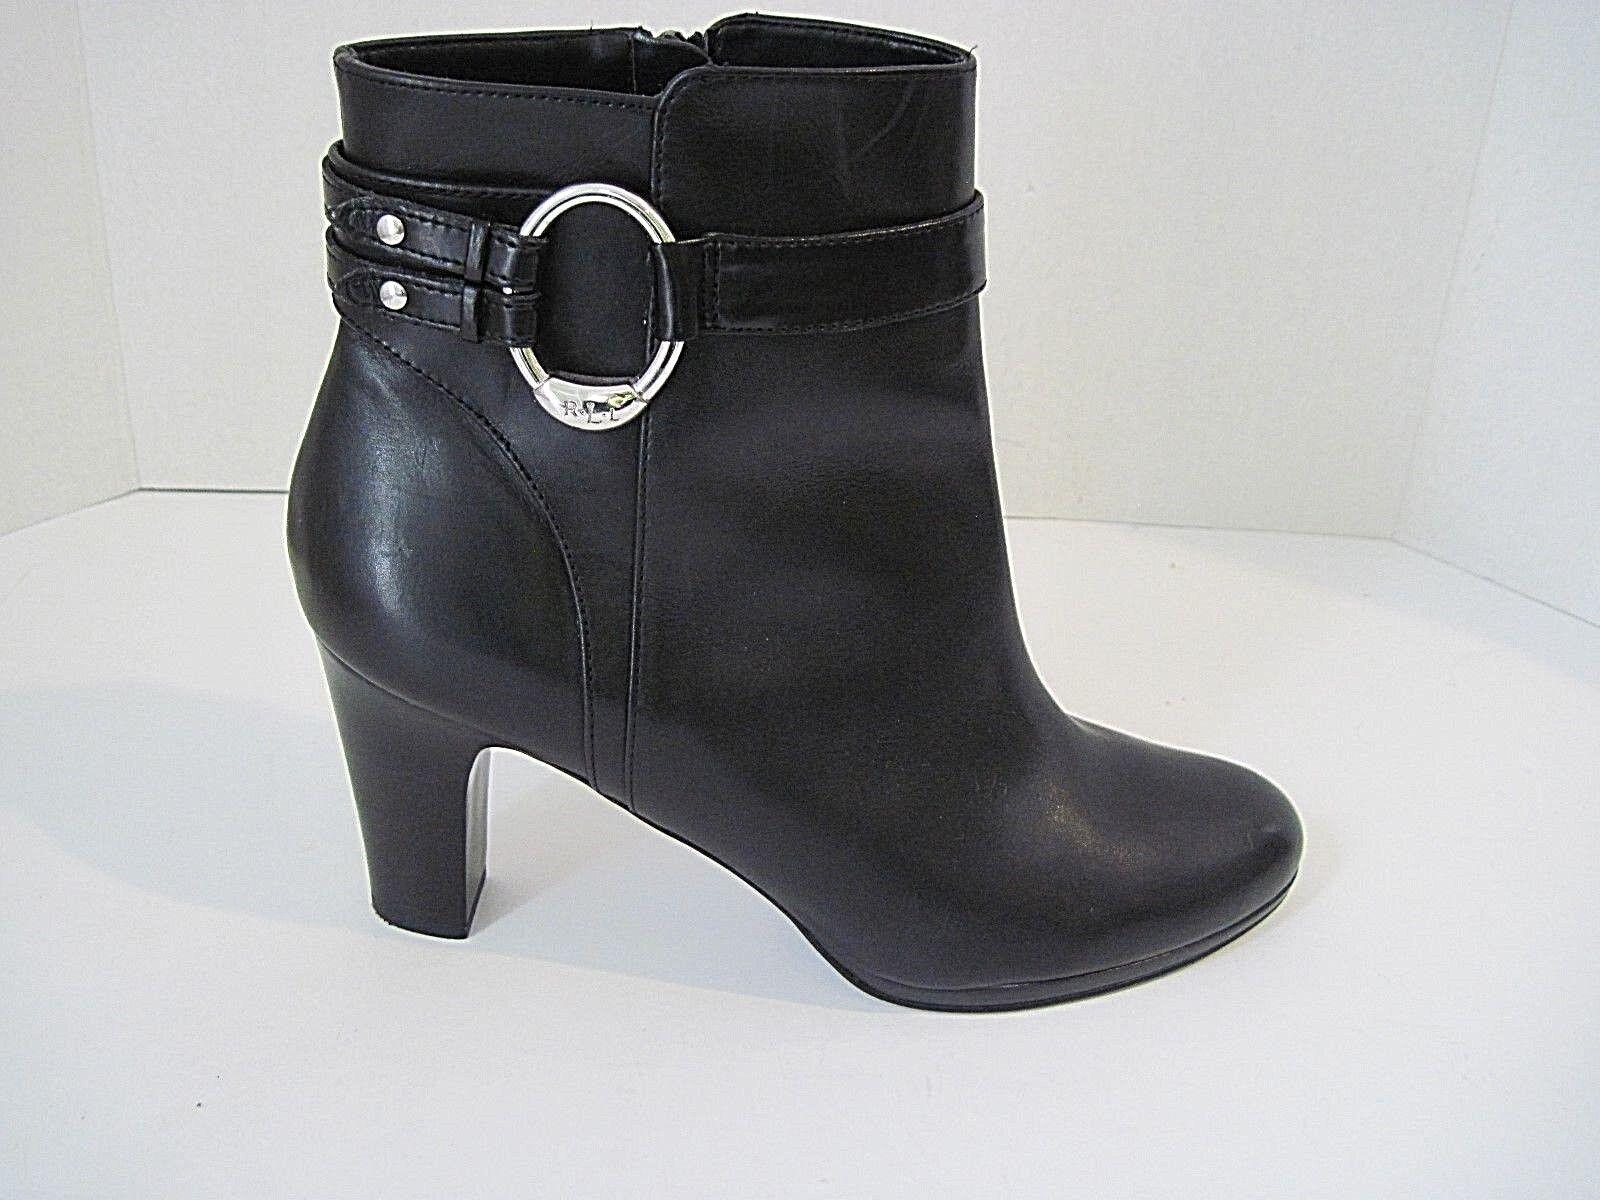 RALPH LAUREN MYLA Black Leather Women's Ankle Boots Zip Side Buckle Sz 10 B